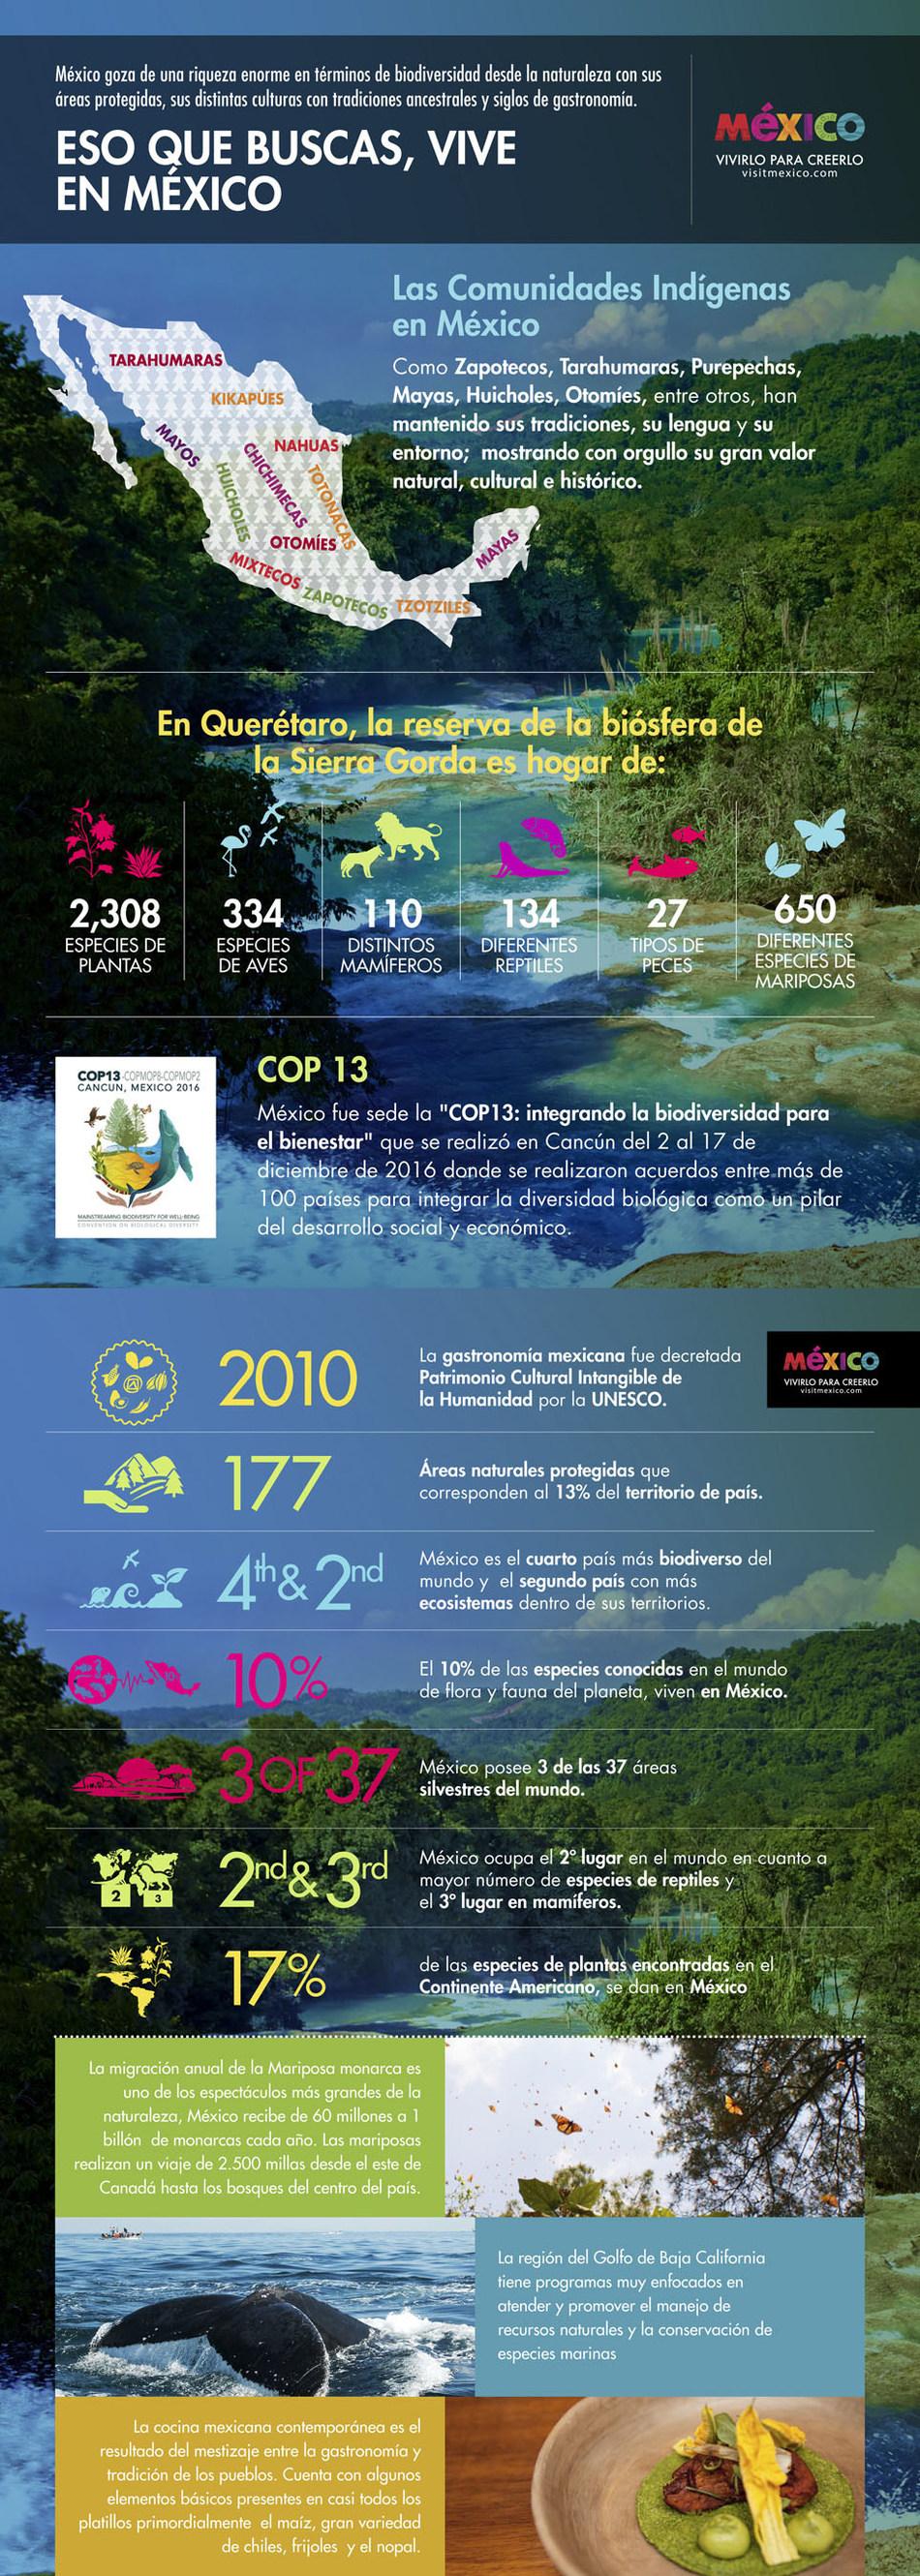 Mexico, por un mundo mas sustentable: 13ª Conferencia de las Partes del Convenio sobre Diversidad Biologica de Naciones Unidas (PRNewsFoto/Mexico Tourism Board)